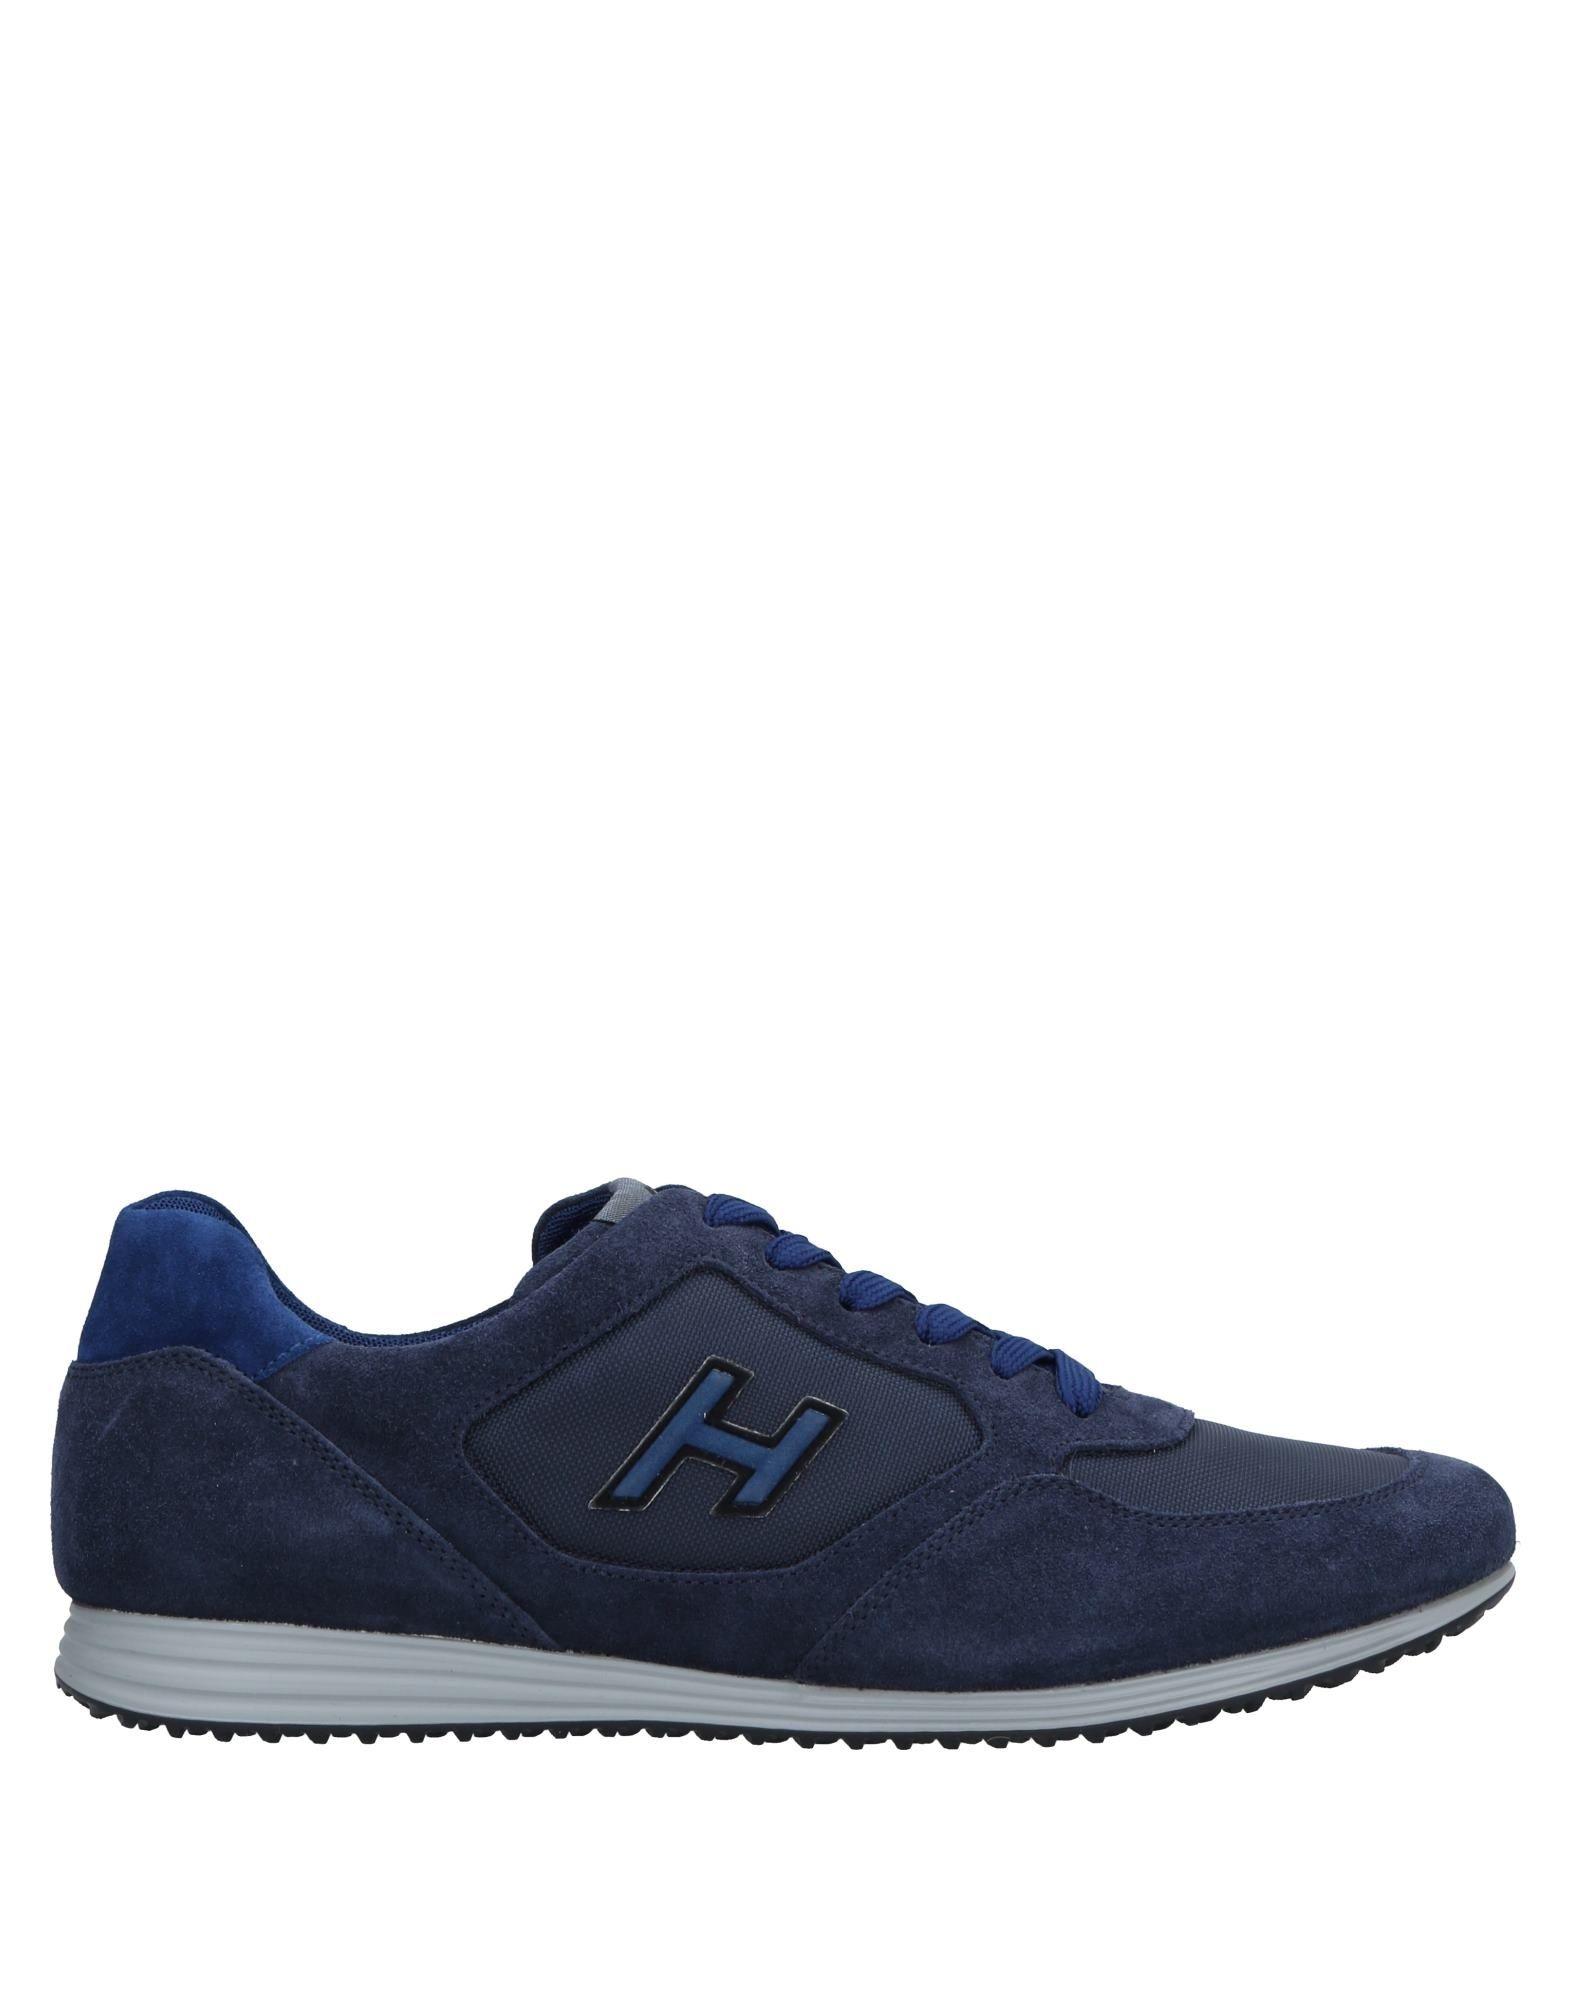 Hogan Uomo - 11541037FA